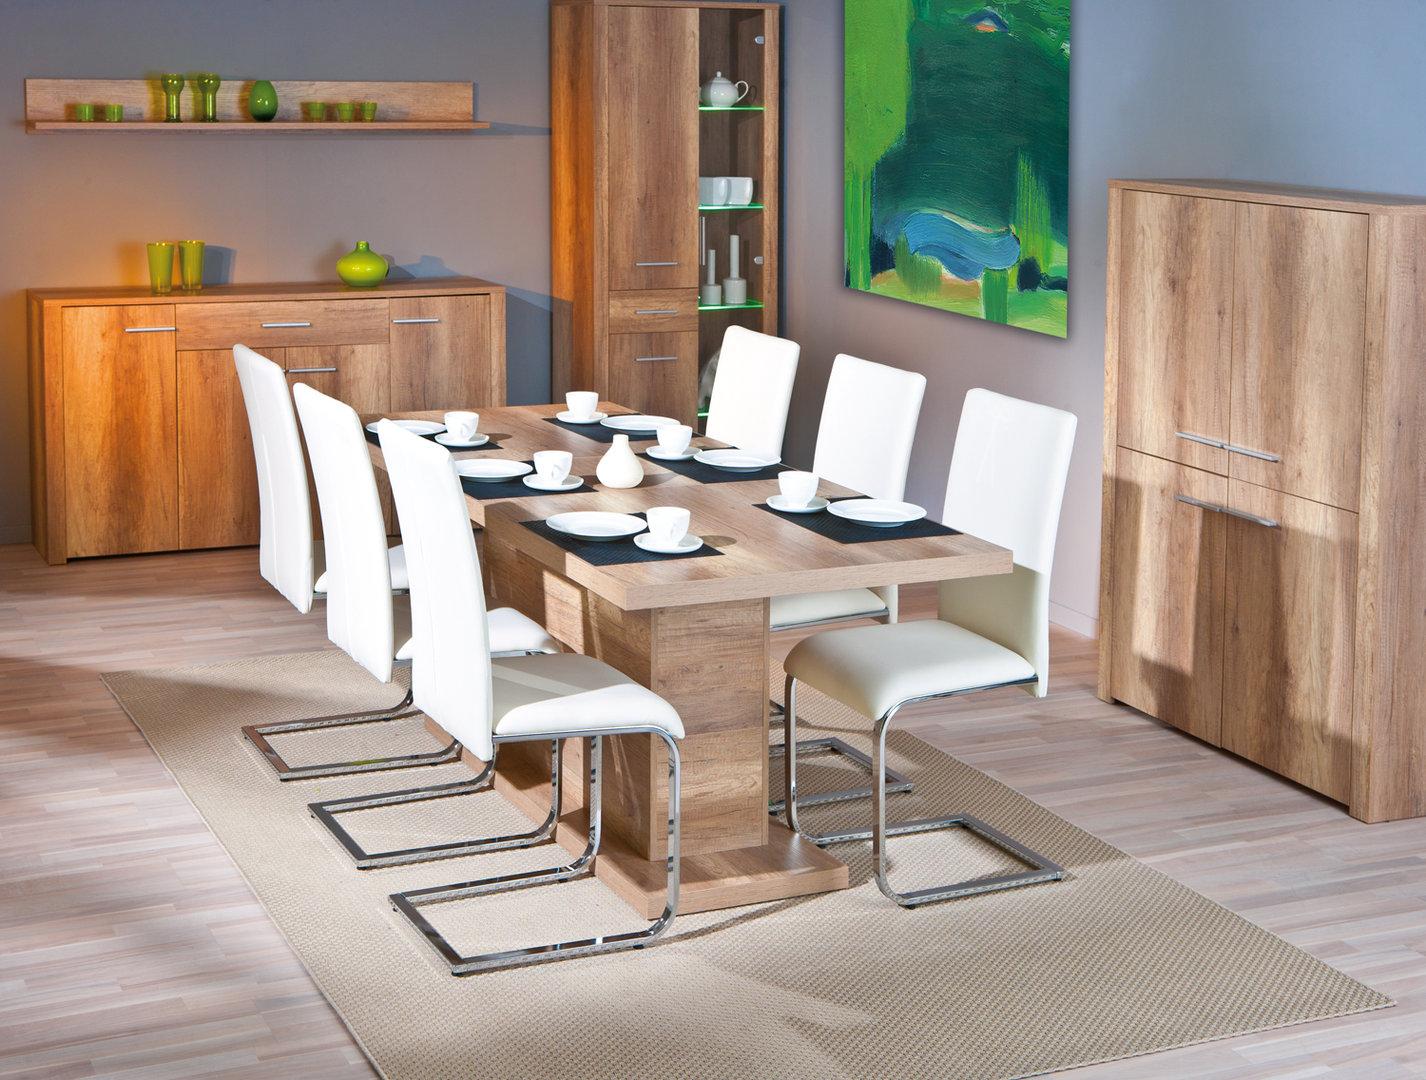 Sedia Moderna Nancy Sedie Per Ufficio Tavolo Da Pranzo Di Design #A45F27 1426 1080 Sedie Per Il Tavolo Da Pranzo